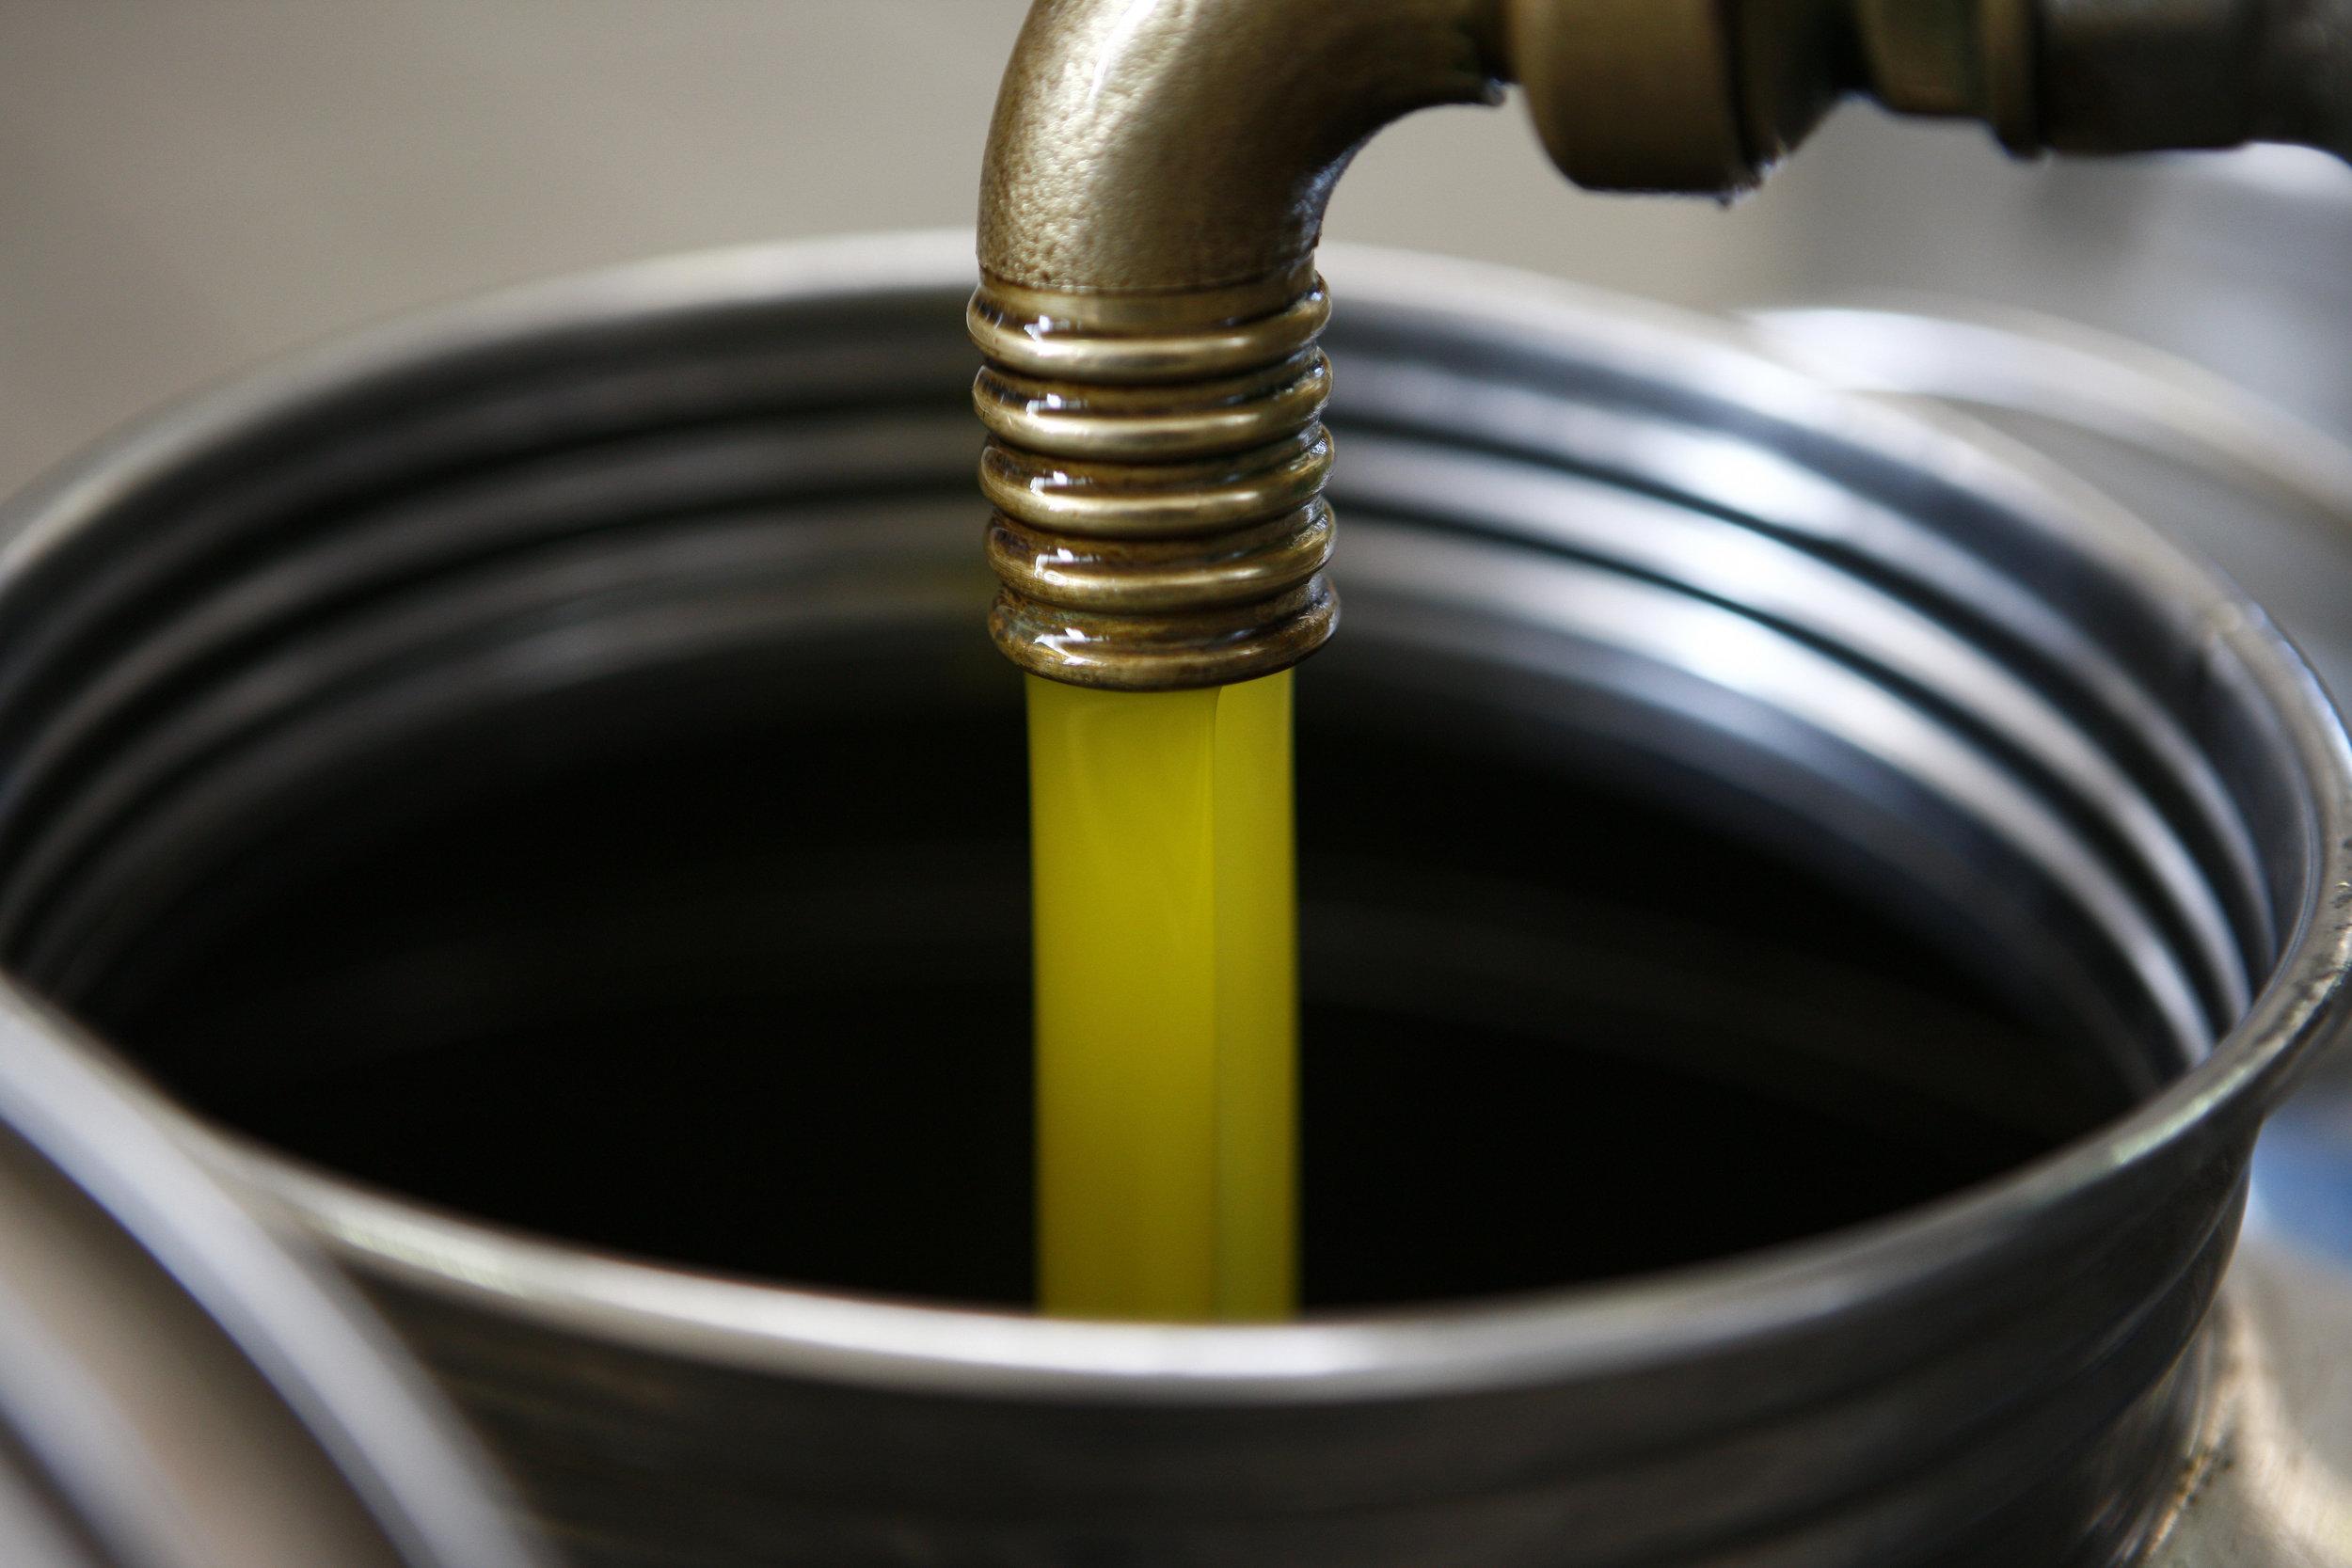 Du fruit à l'or jaune - Le jus obtenu par la décantation suit son chemin dans un réservoir cylindrique vertical, appelé centrifugeuse. Dans cette dernière étape, l'huile est séparée de l'eau et des éléments solides restants grâce à la force centrifuge.L'or jaune est enfin obtenu après ces différentes étapes, cette huile d'olive peut-être consommée.